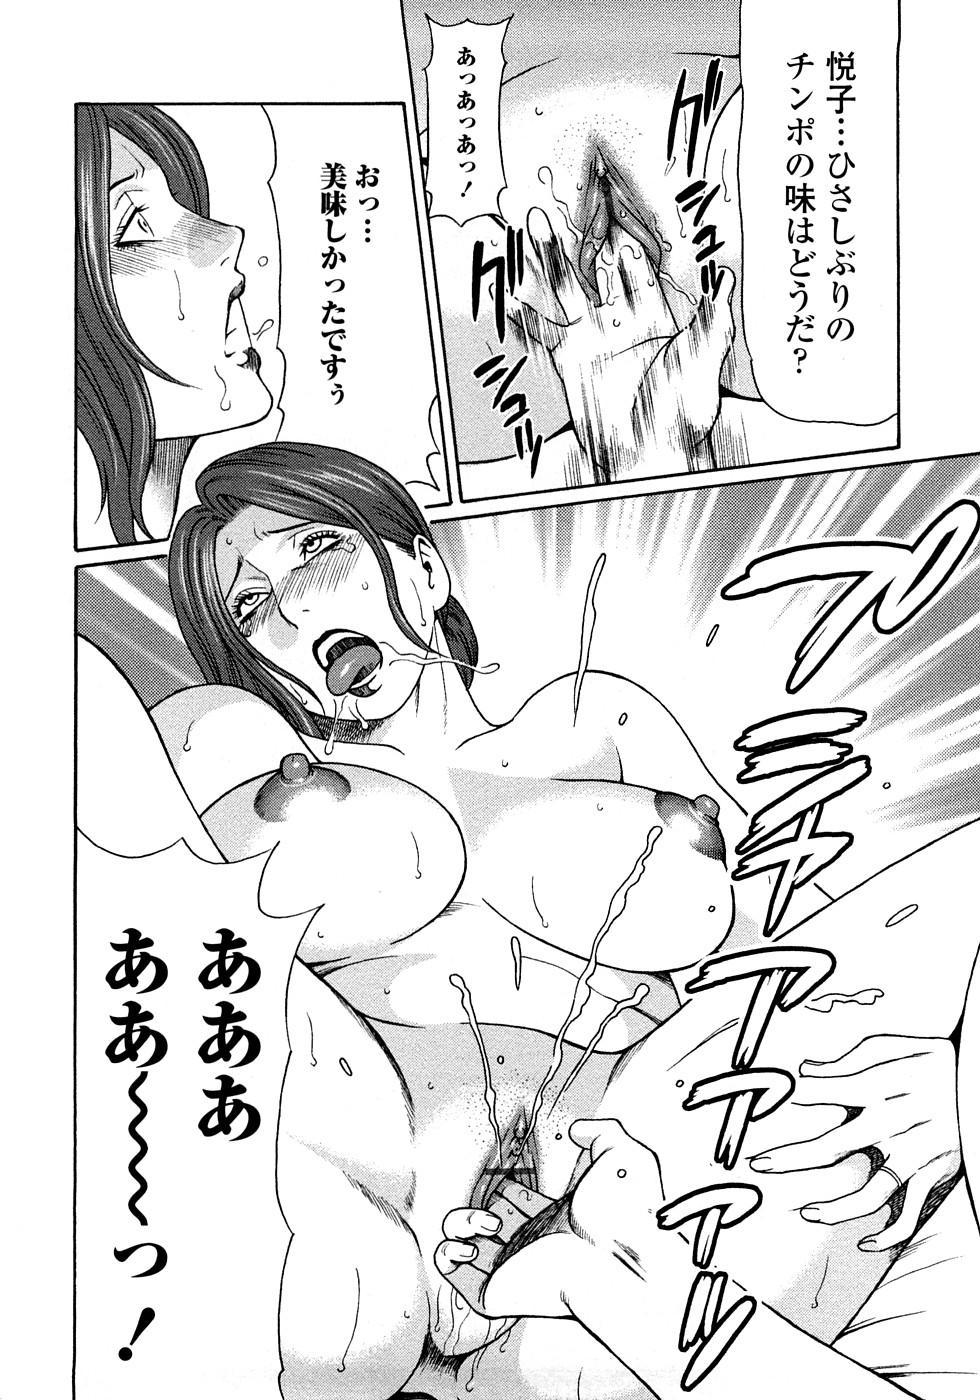 Etsuraku no Tobira - The Door of Sexual Pleasure 162